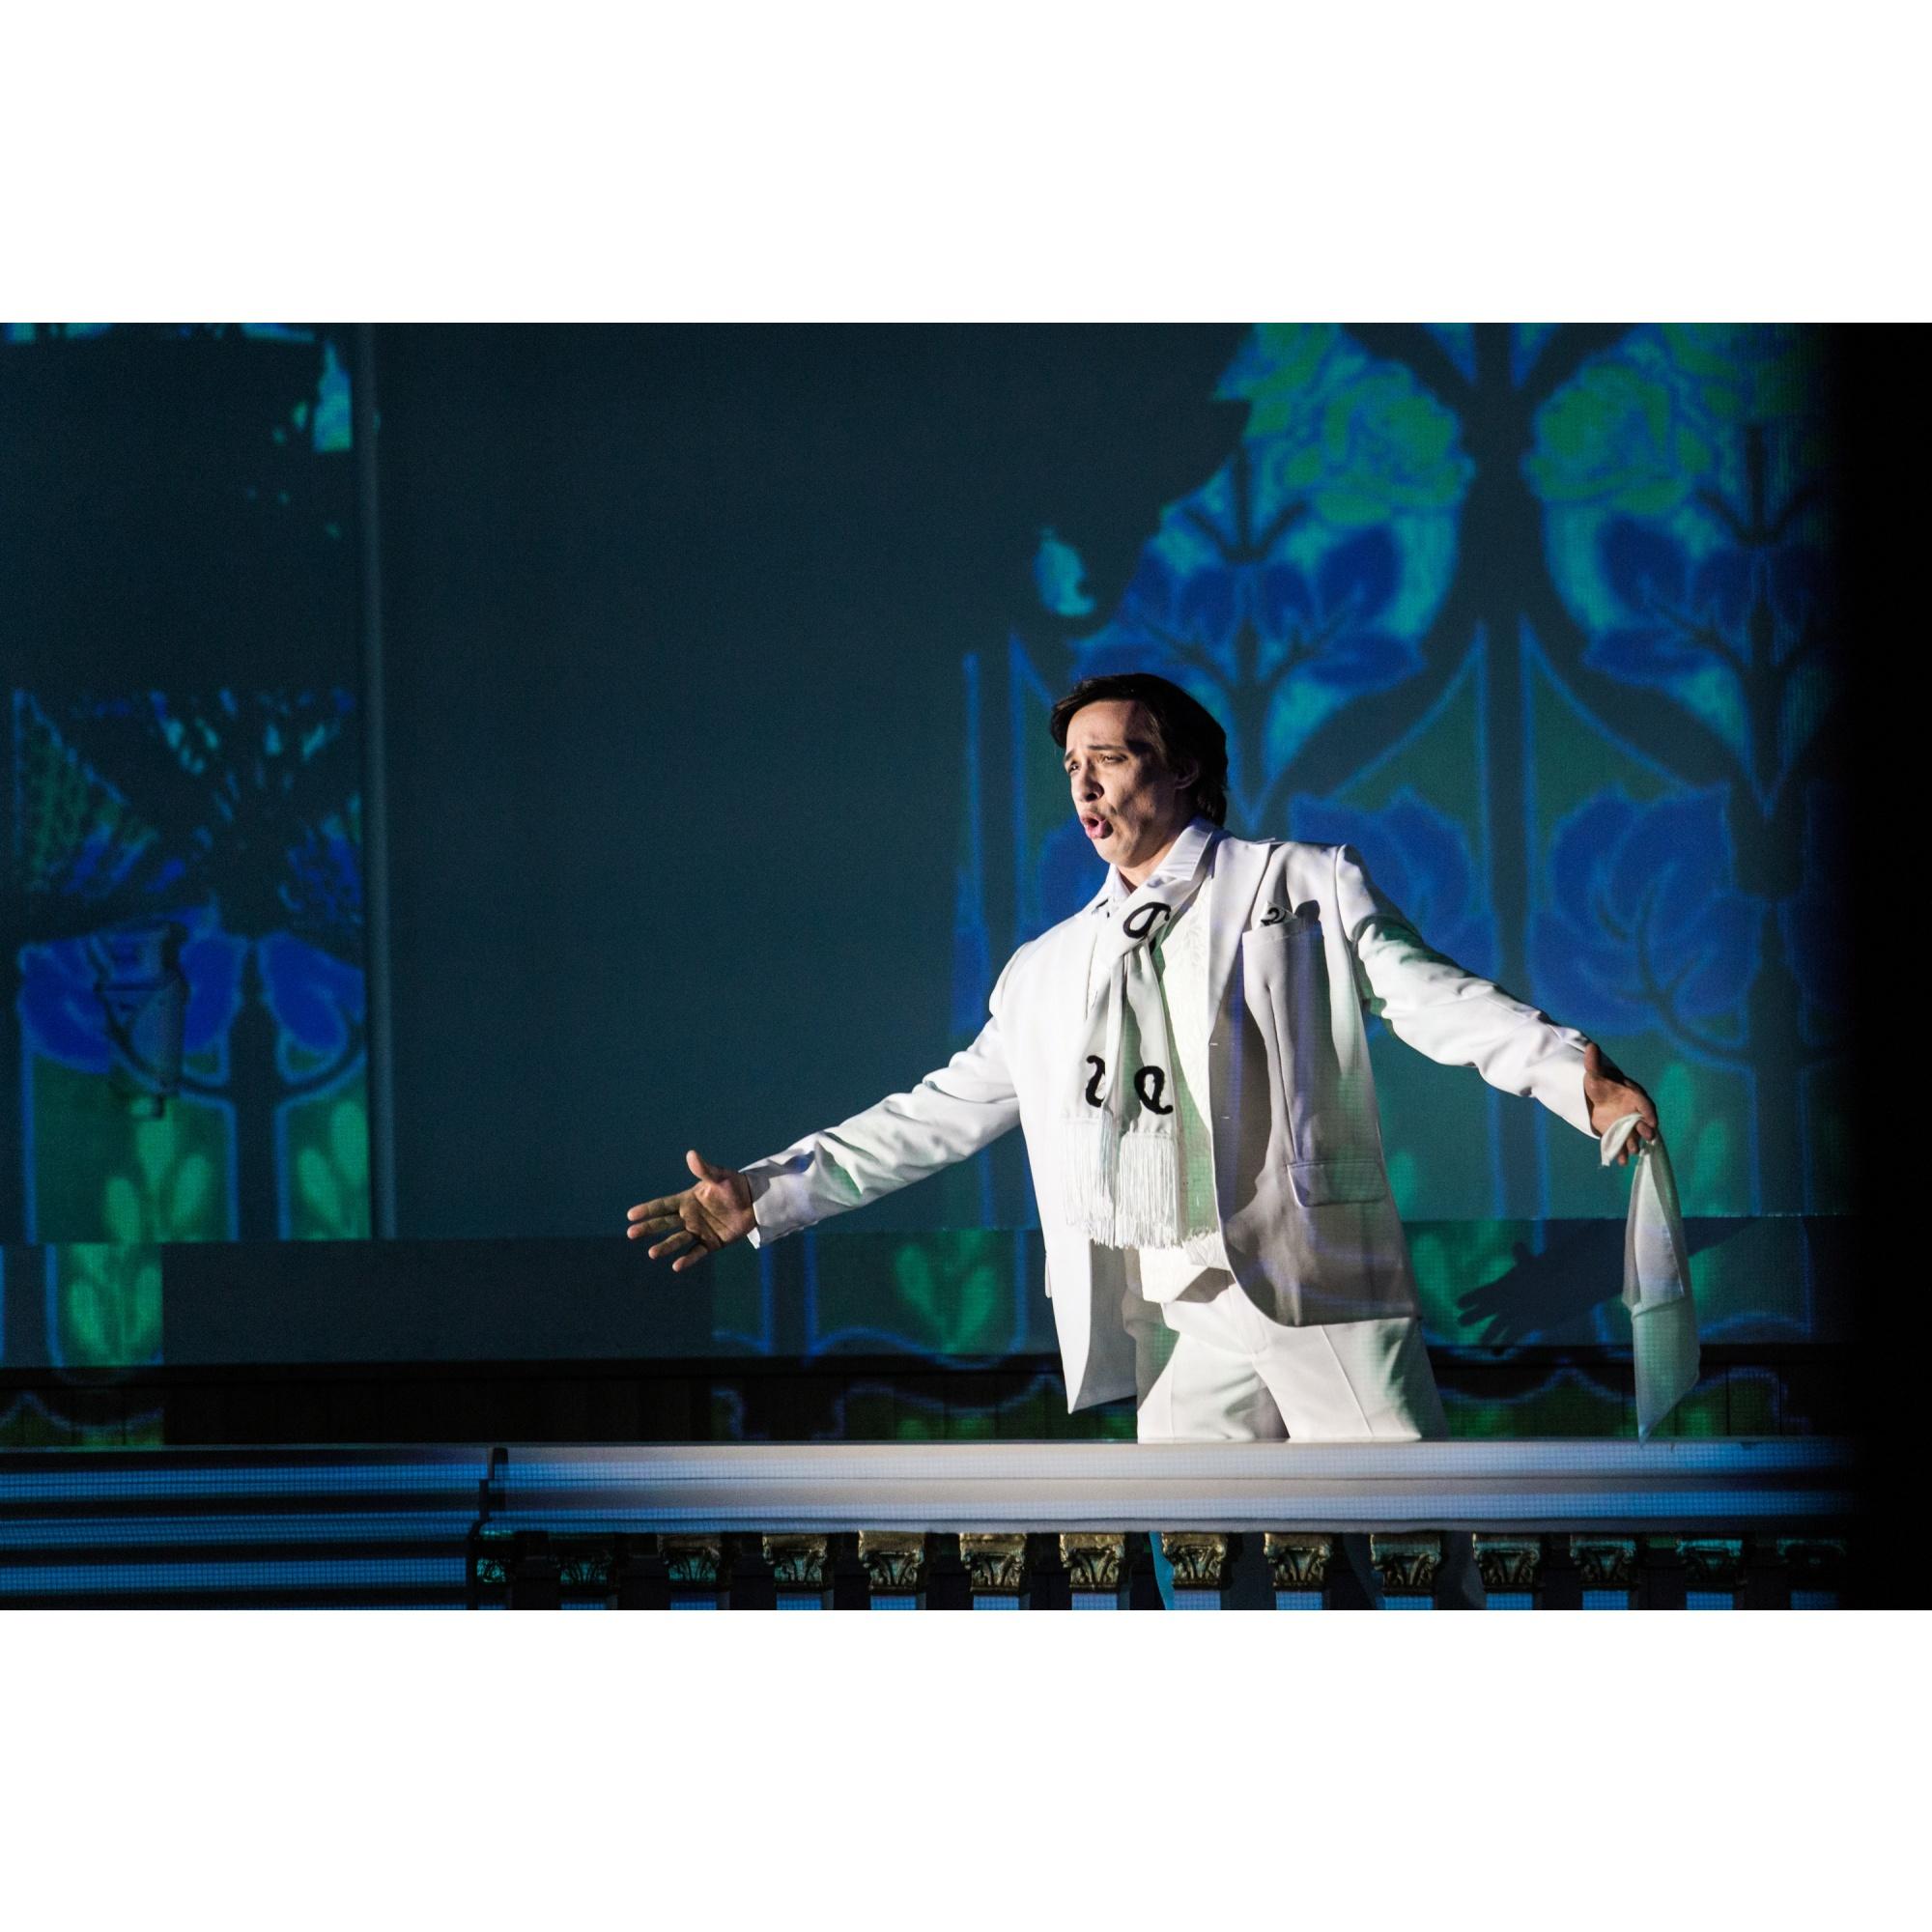 Артисты рассказали, что оперетта — это сложный жанр